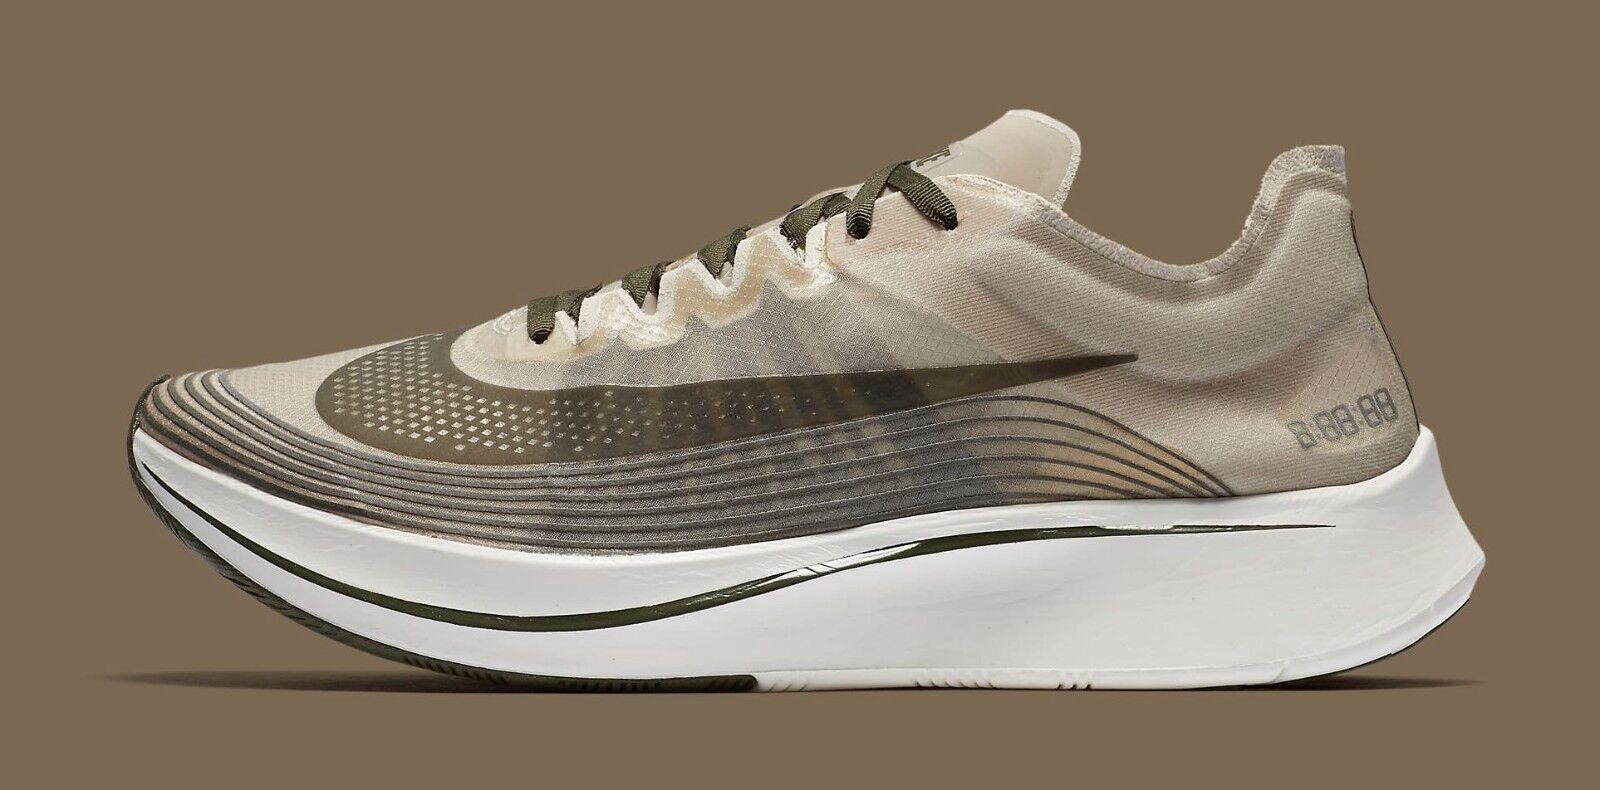 Nike zoom mosca shanghai scarpe bianco marrone / marrone / bianco scarpe vapore rompere 4 uomini dimensioni 42844f